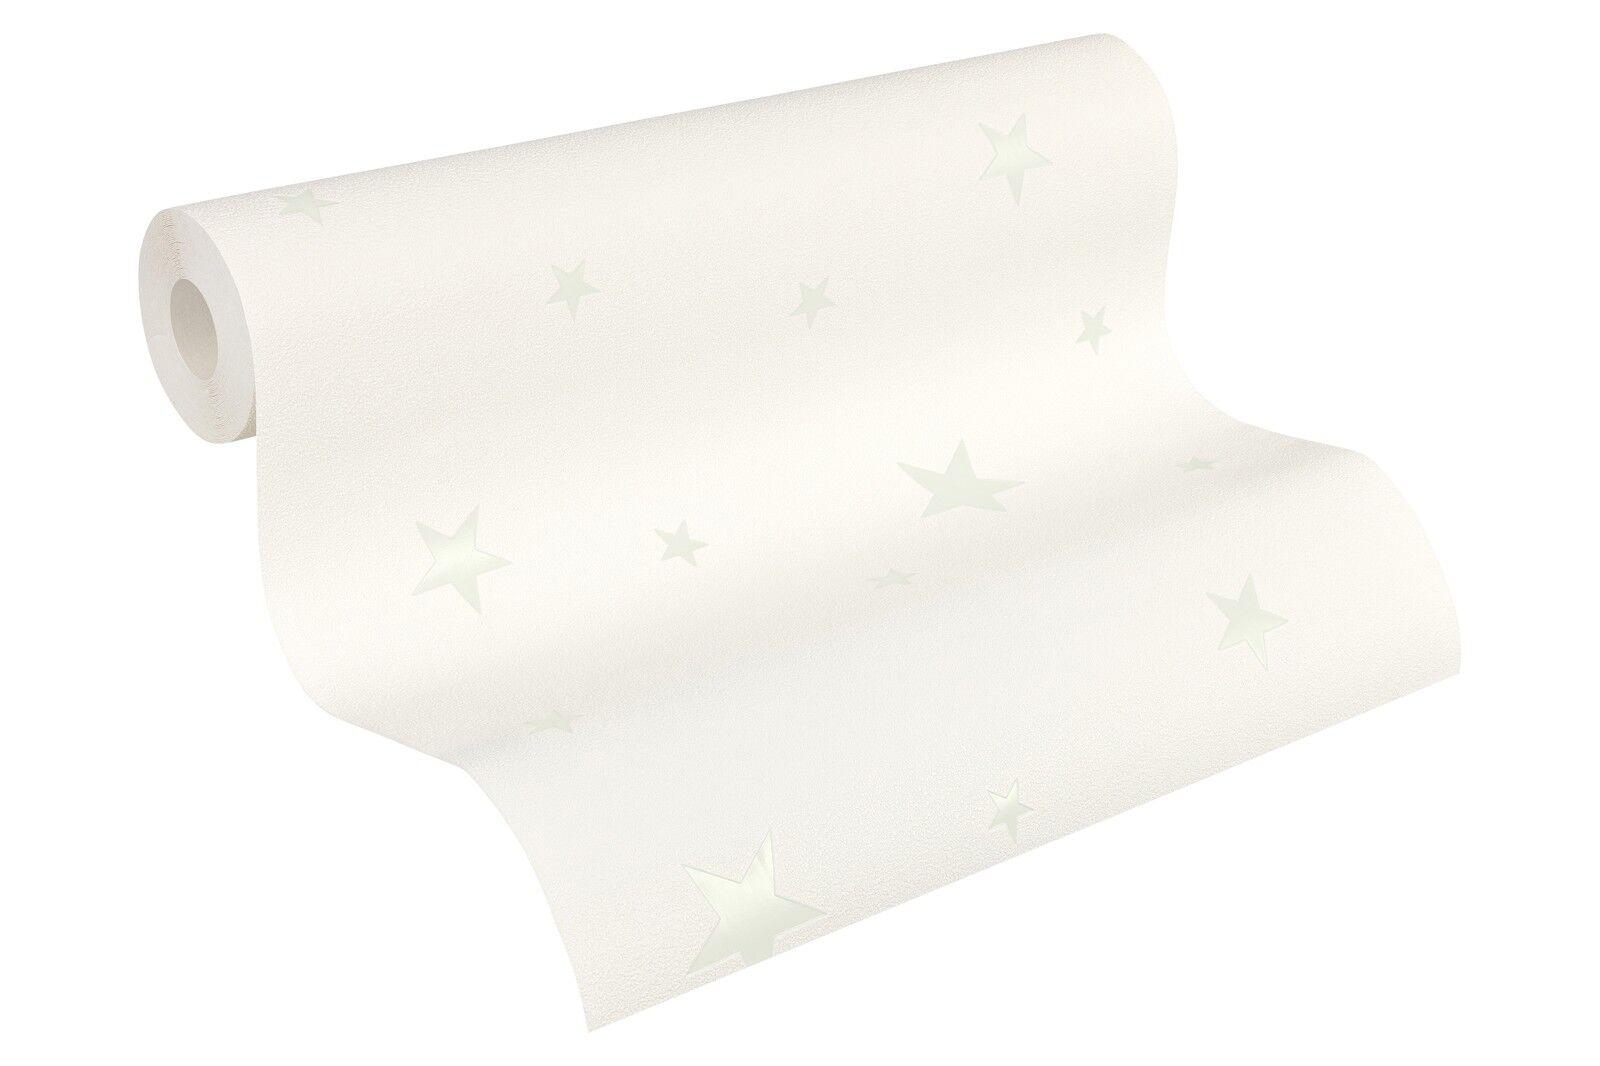 vliestapete leuchtende sterne wei 32440 1 sternchen tapete leuchttapete ebay. Black Bedroom Furniture Sets. Home Design Ideas